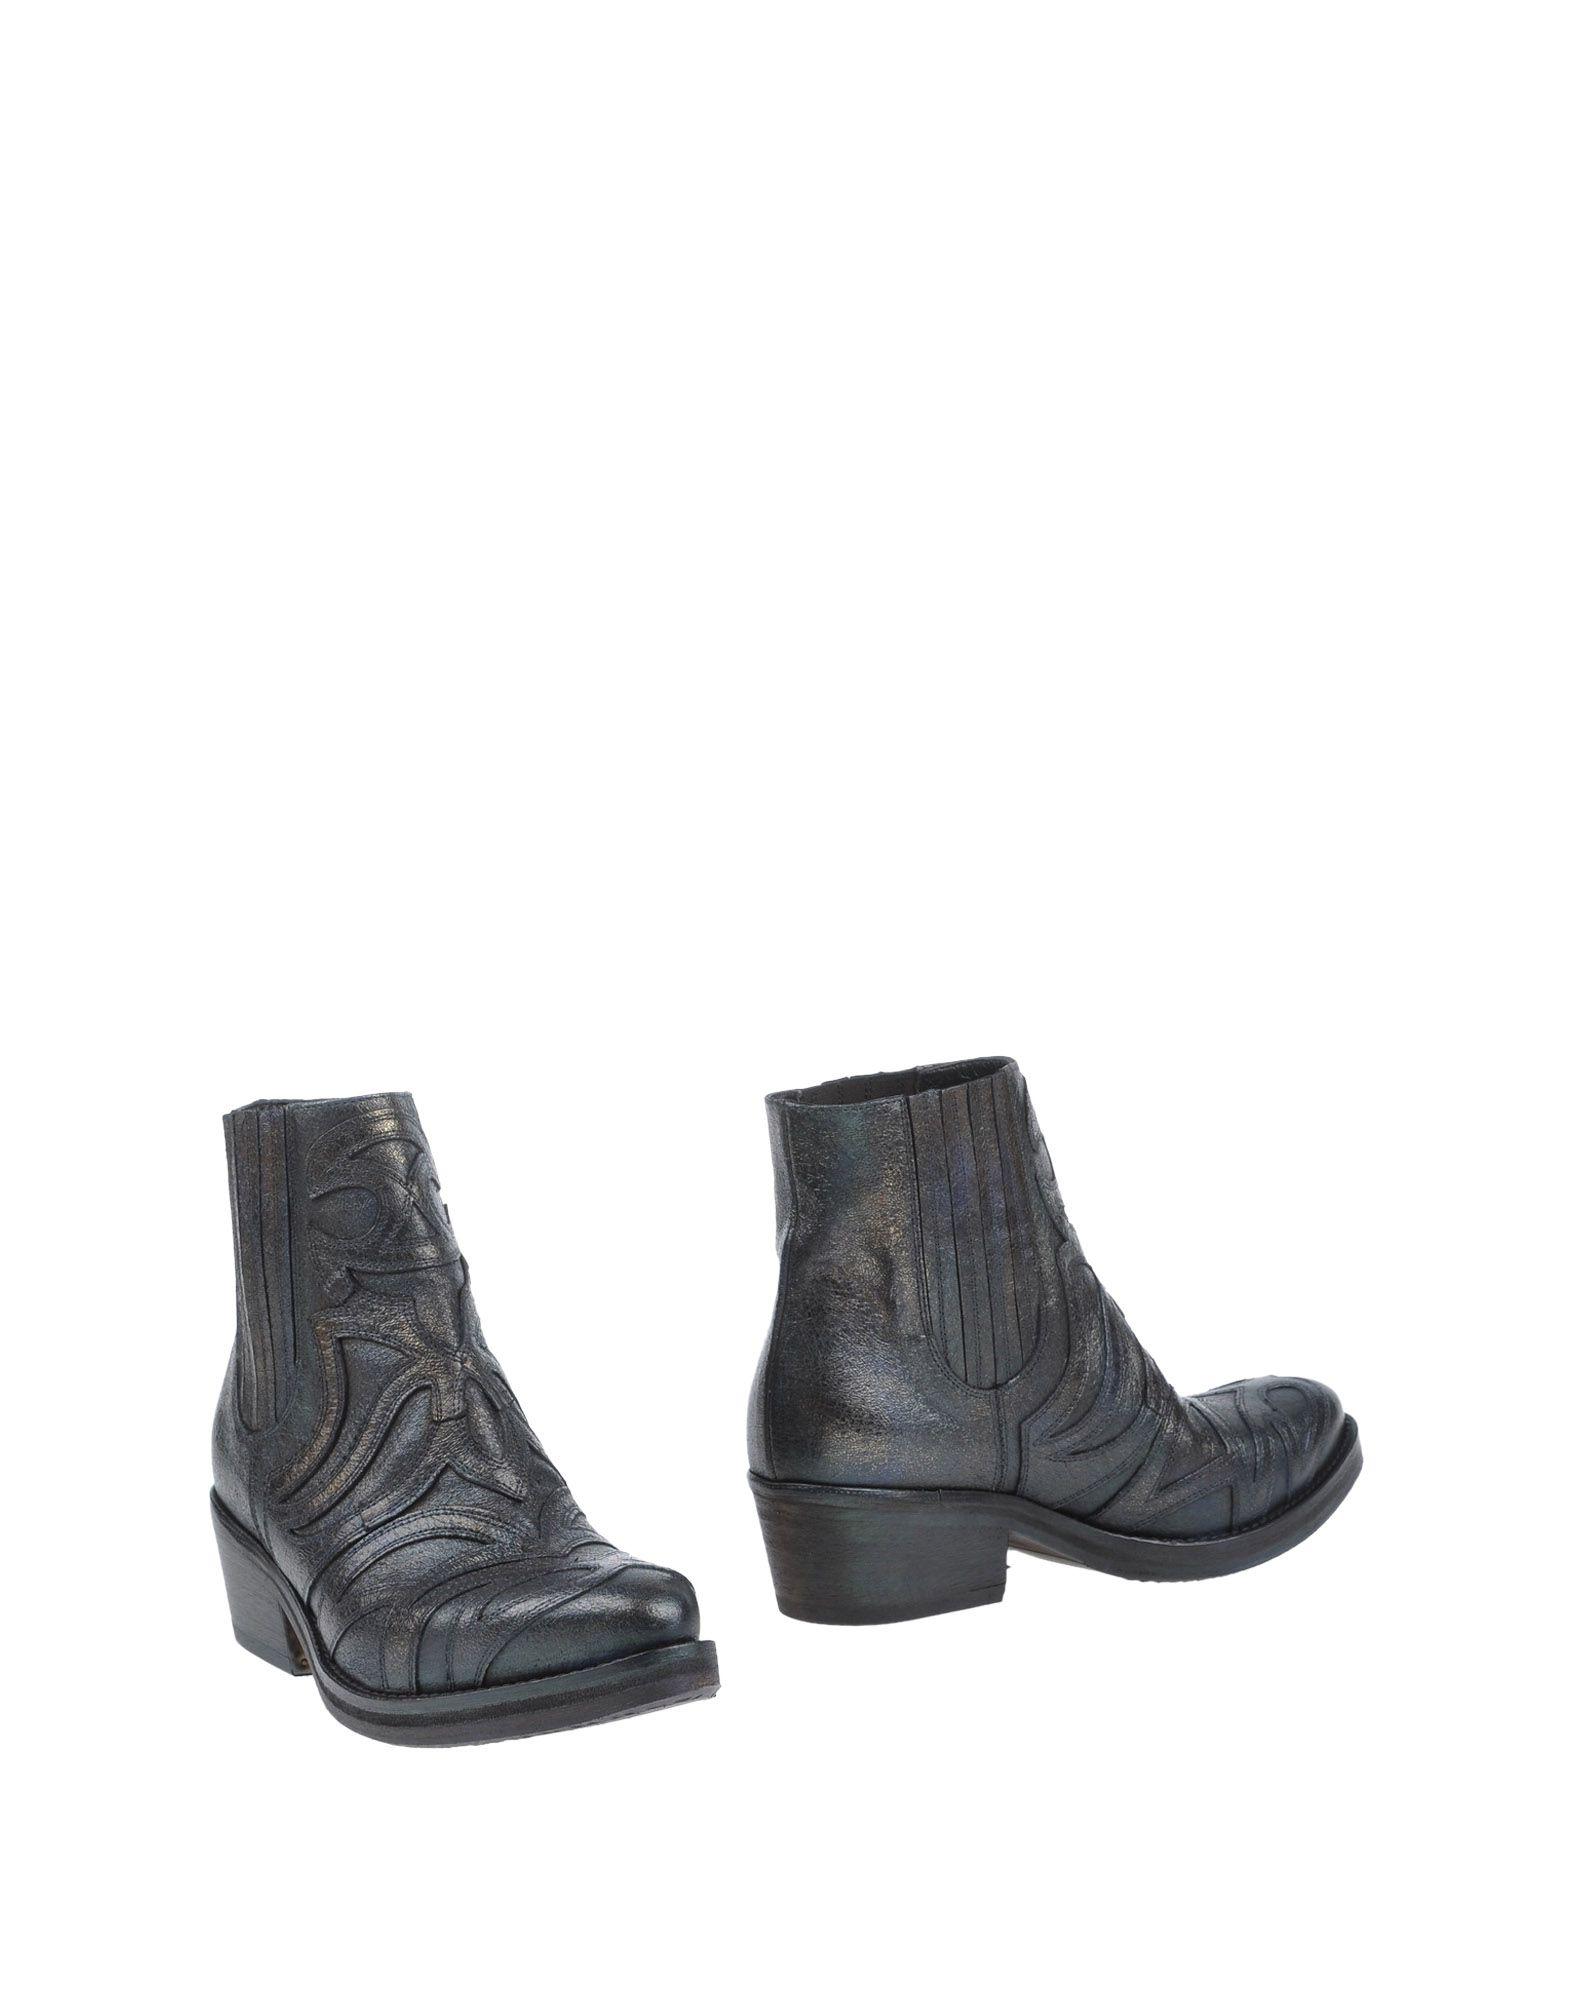 STRATEGIA Полусапоги и высокие ботинки купить футбольную форму челси торрес